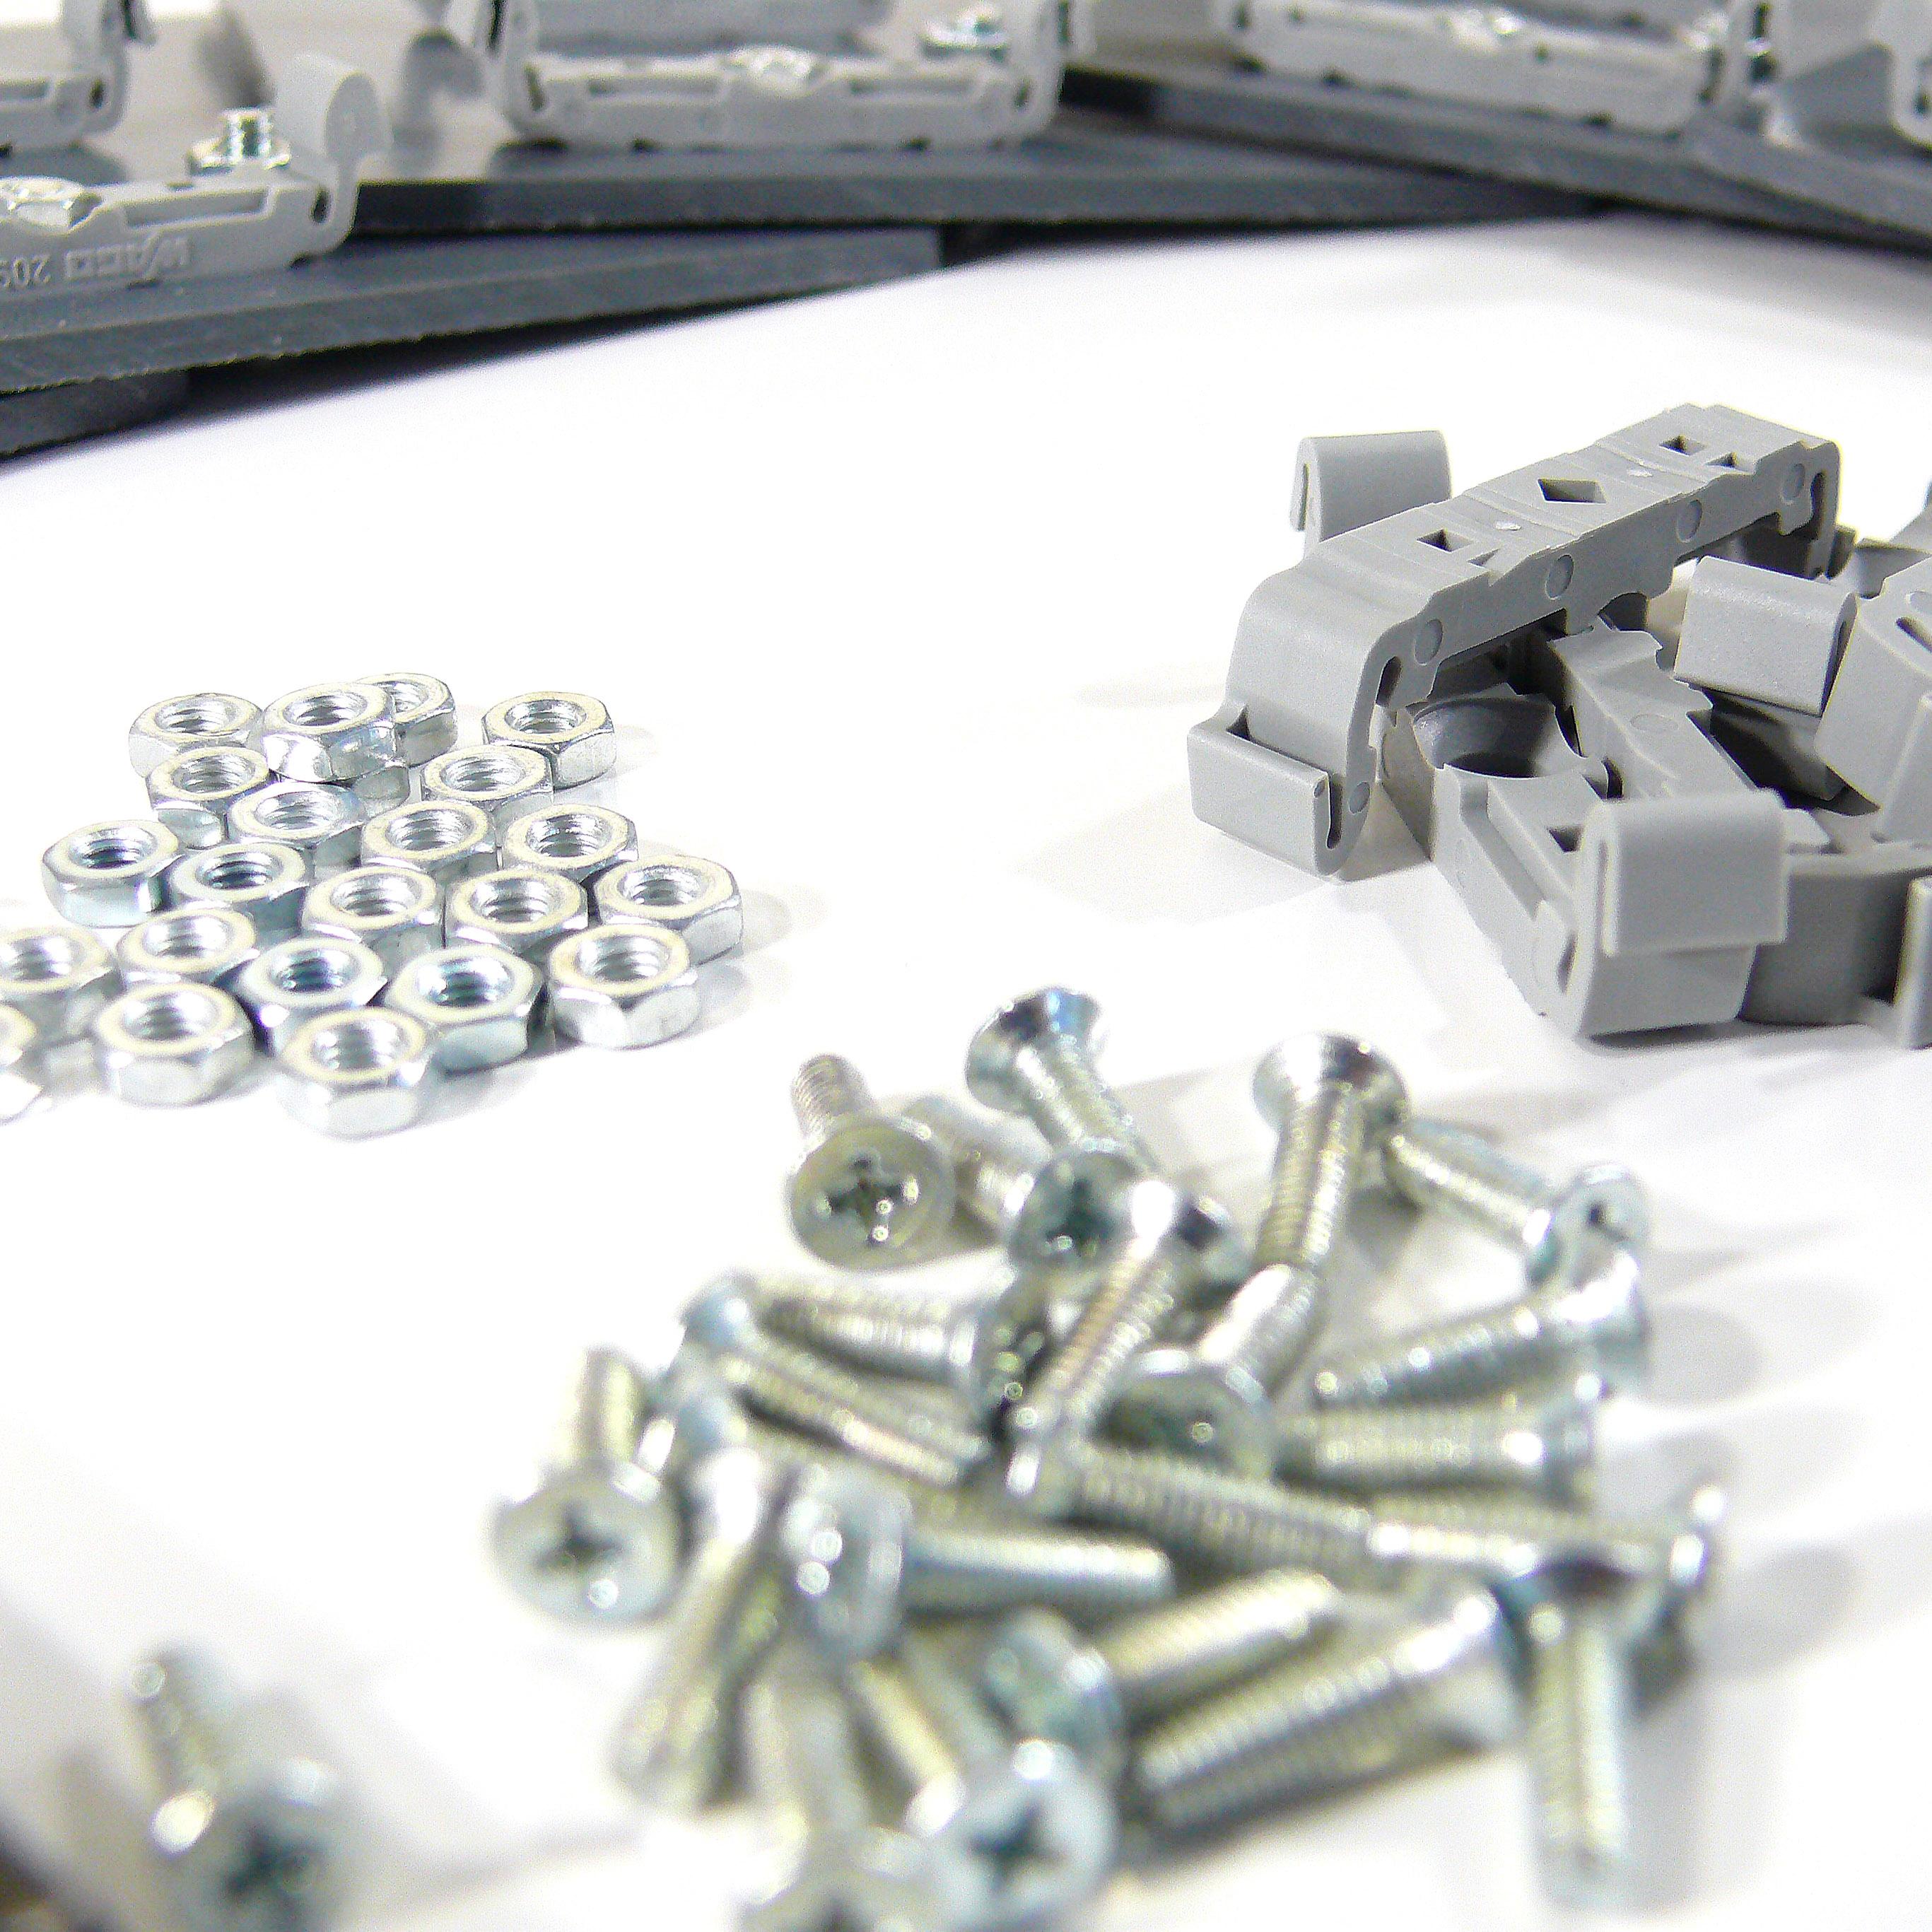 Rucni kompletace malych mechanickych dilu